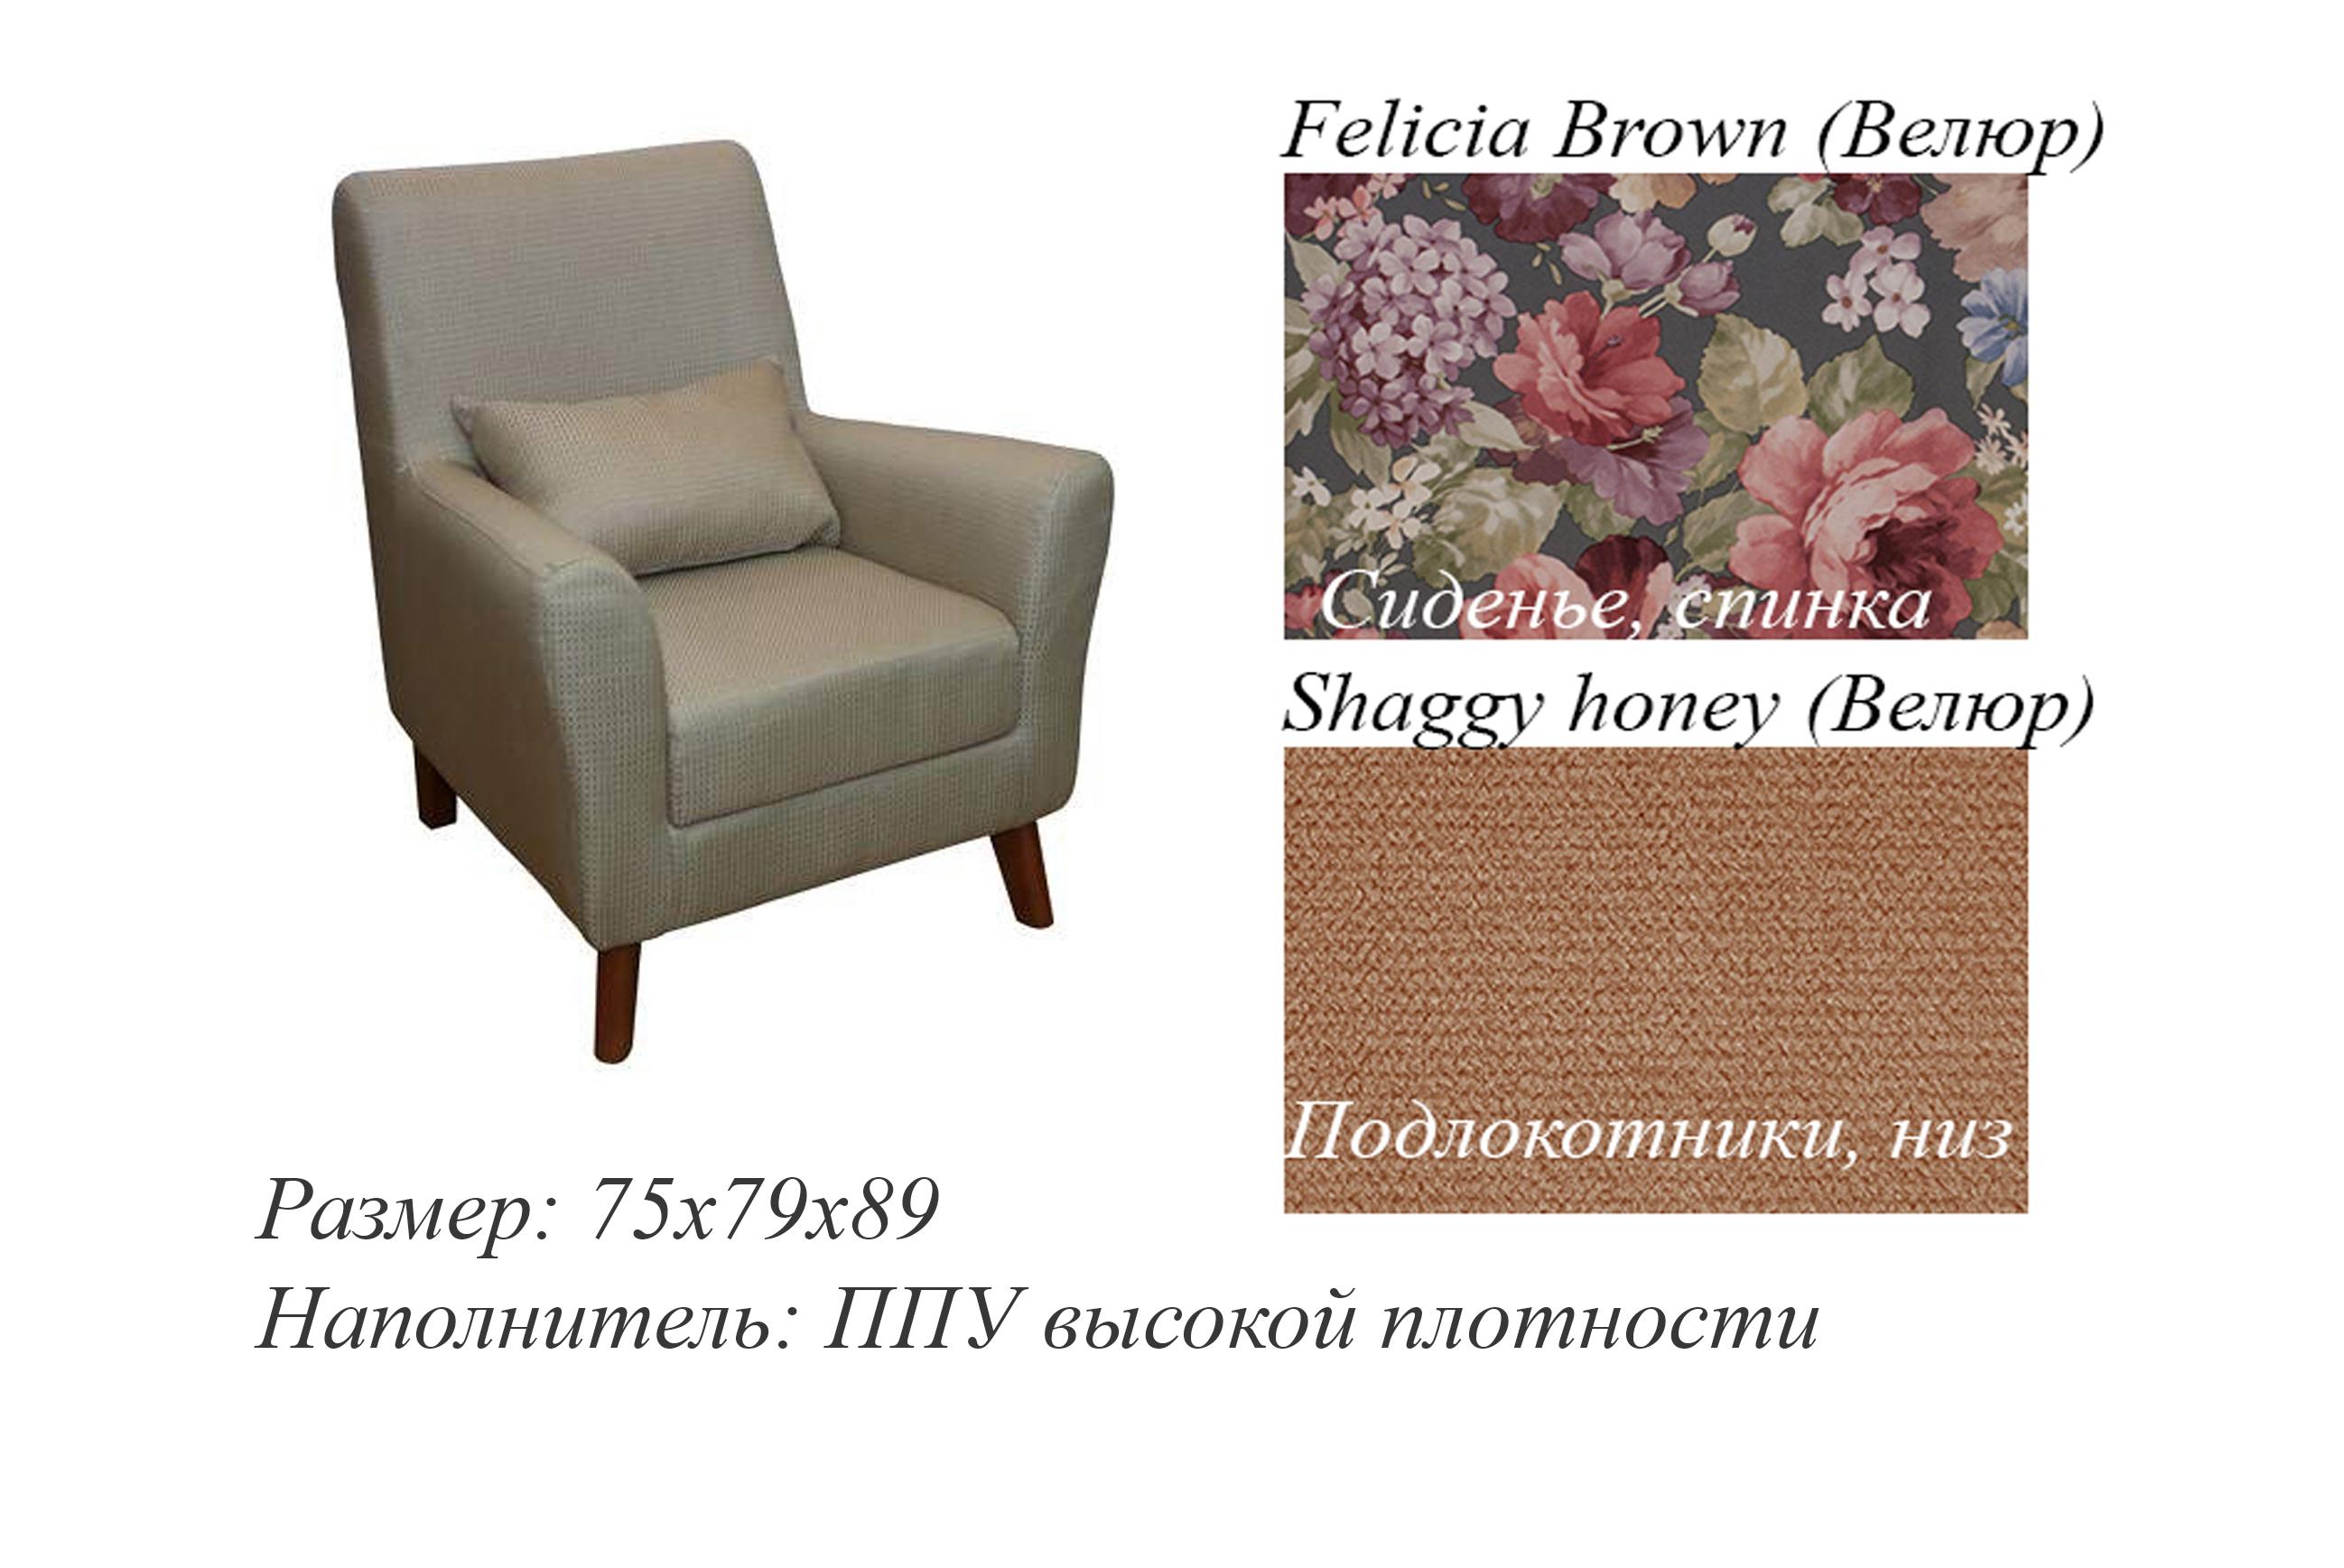 Кресло для отдыха Либерти 552м — Кресло для отдыха Либерти